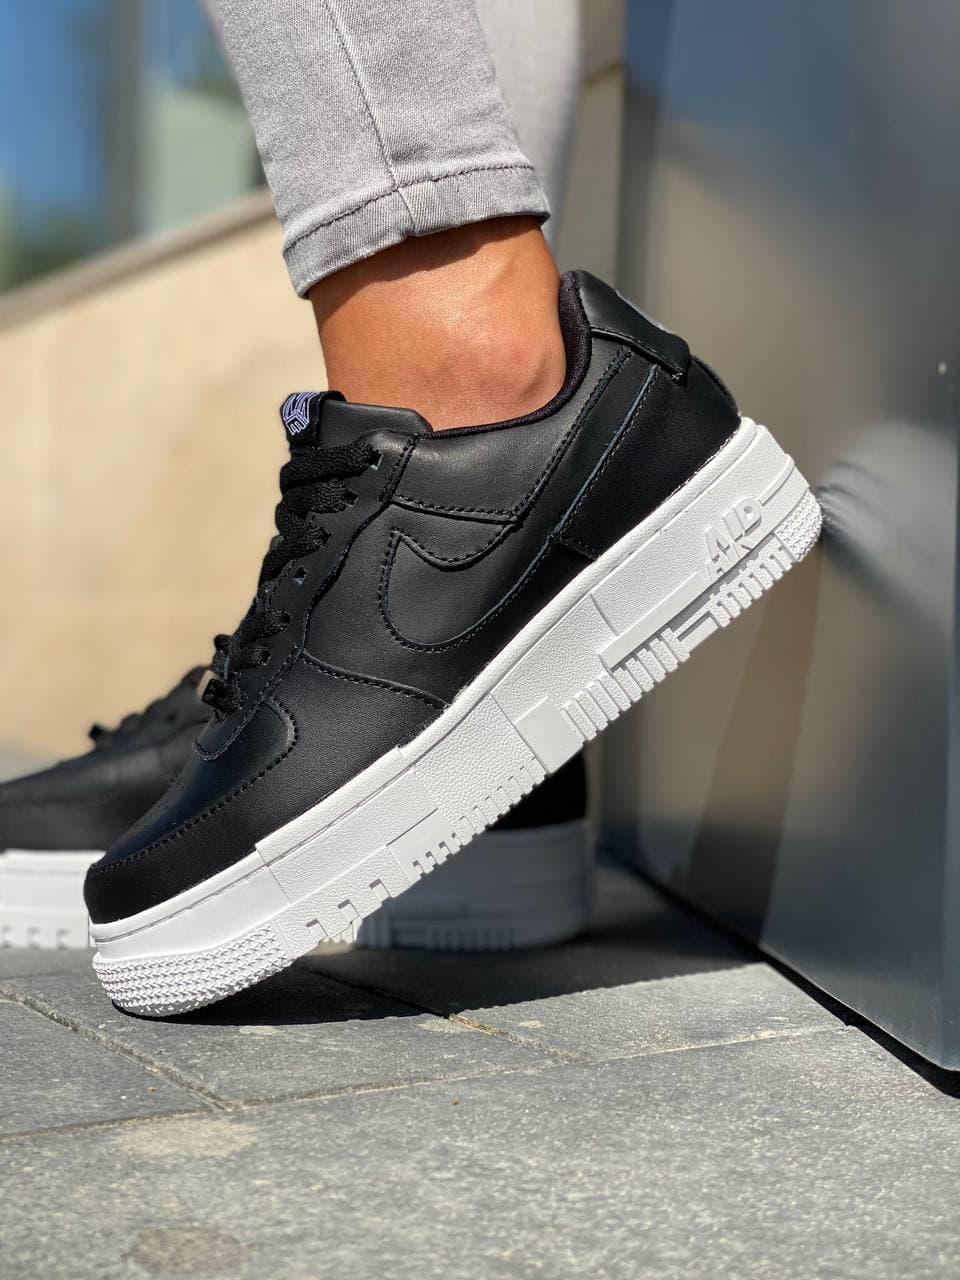 Кросівки жіночі модні чорні з білою підошвою. Жіночі стильні кросівки чорного кольору.